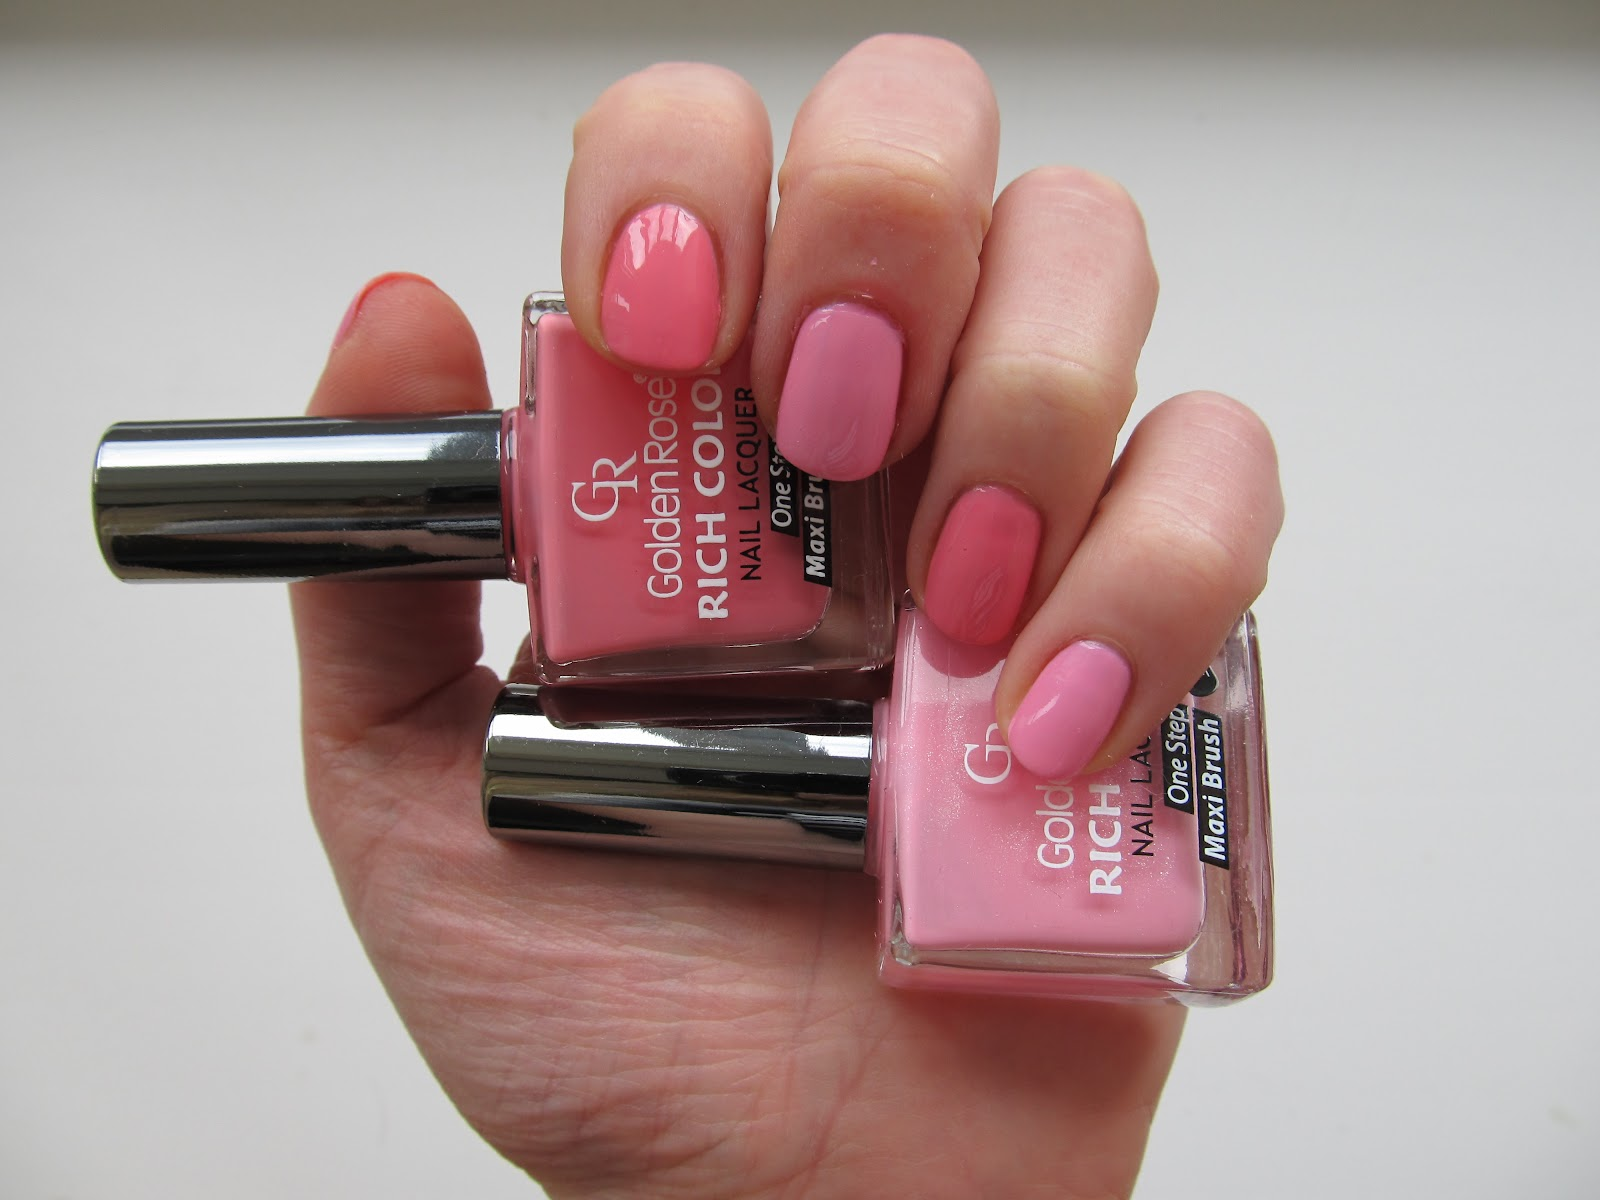 Рожеві відтінкі лаків Річ Колор від Голден Роуз